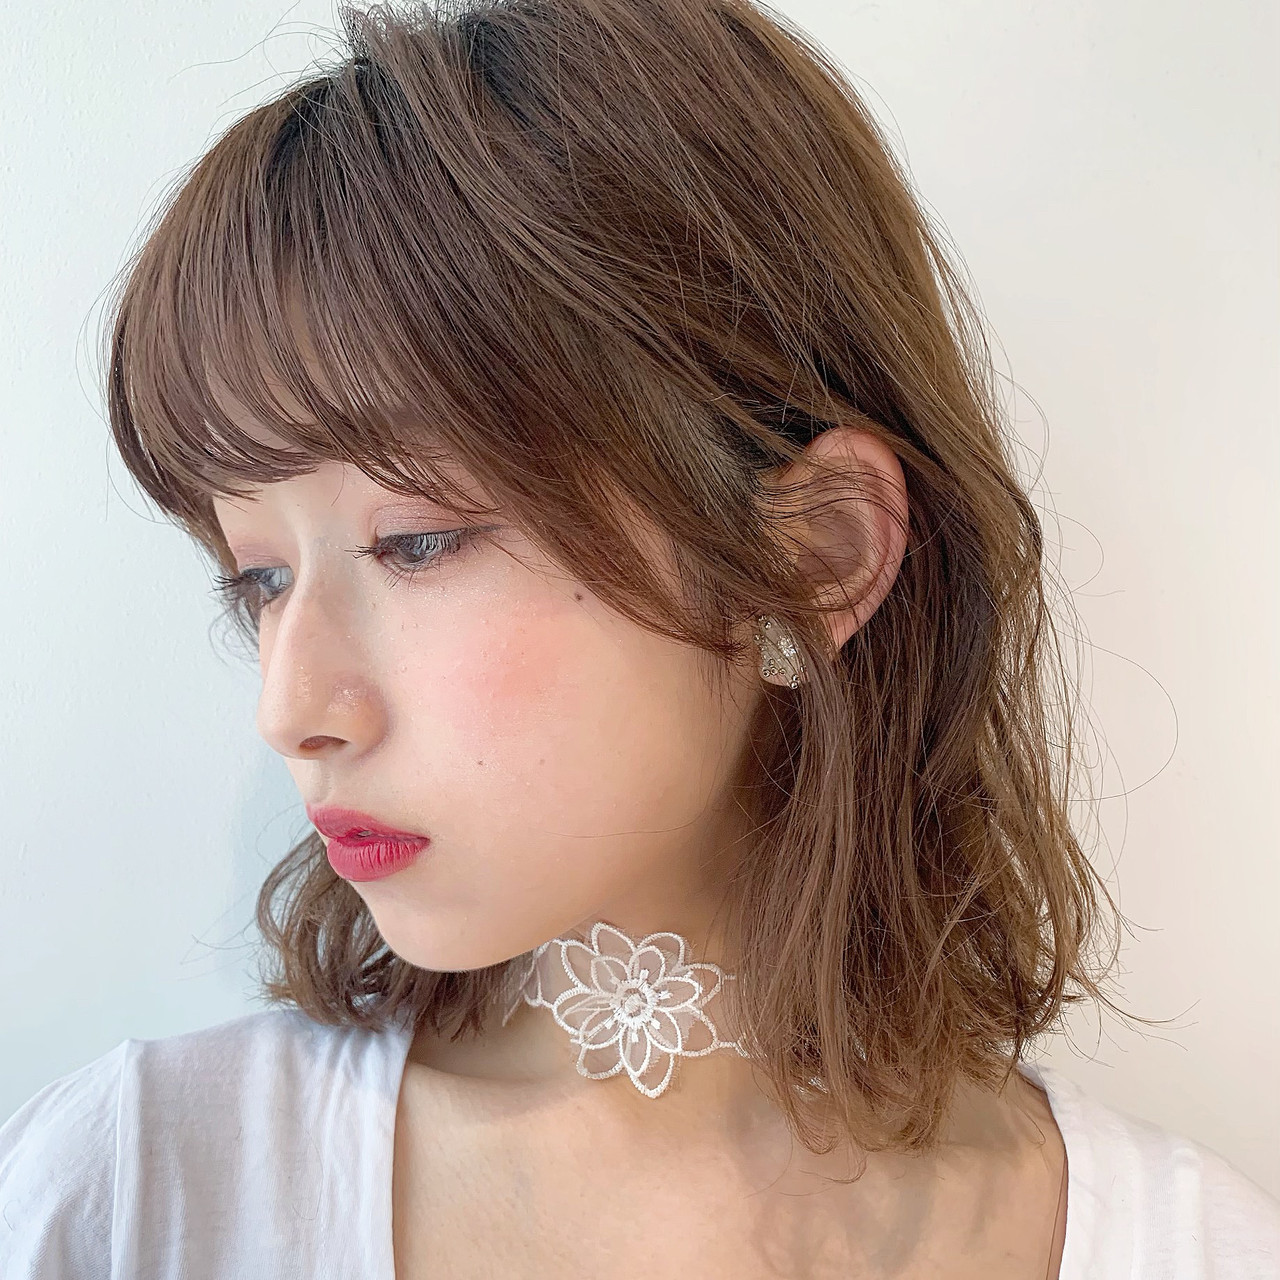 アンニュイほつれヘア ガーリー ロブ 透明感カラー ヘアスタイルや髪型の写真・画像